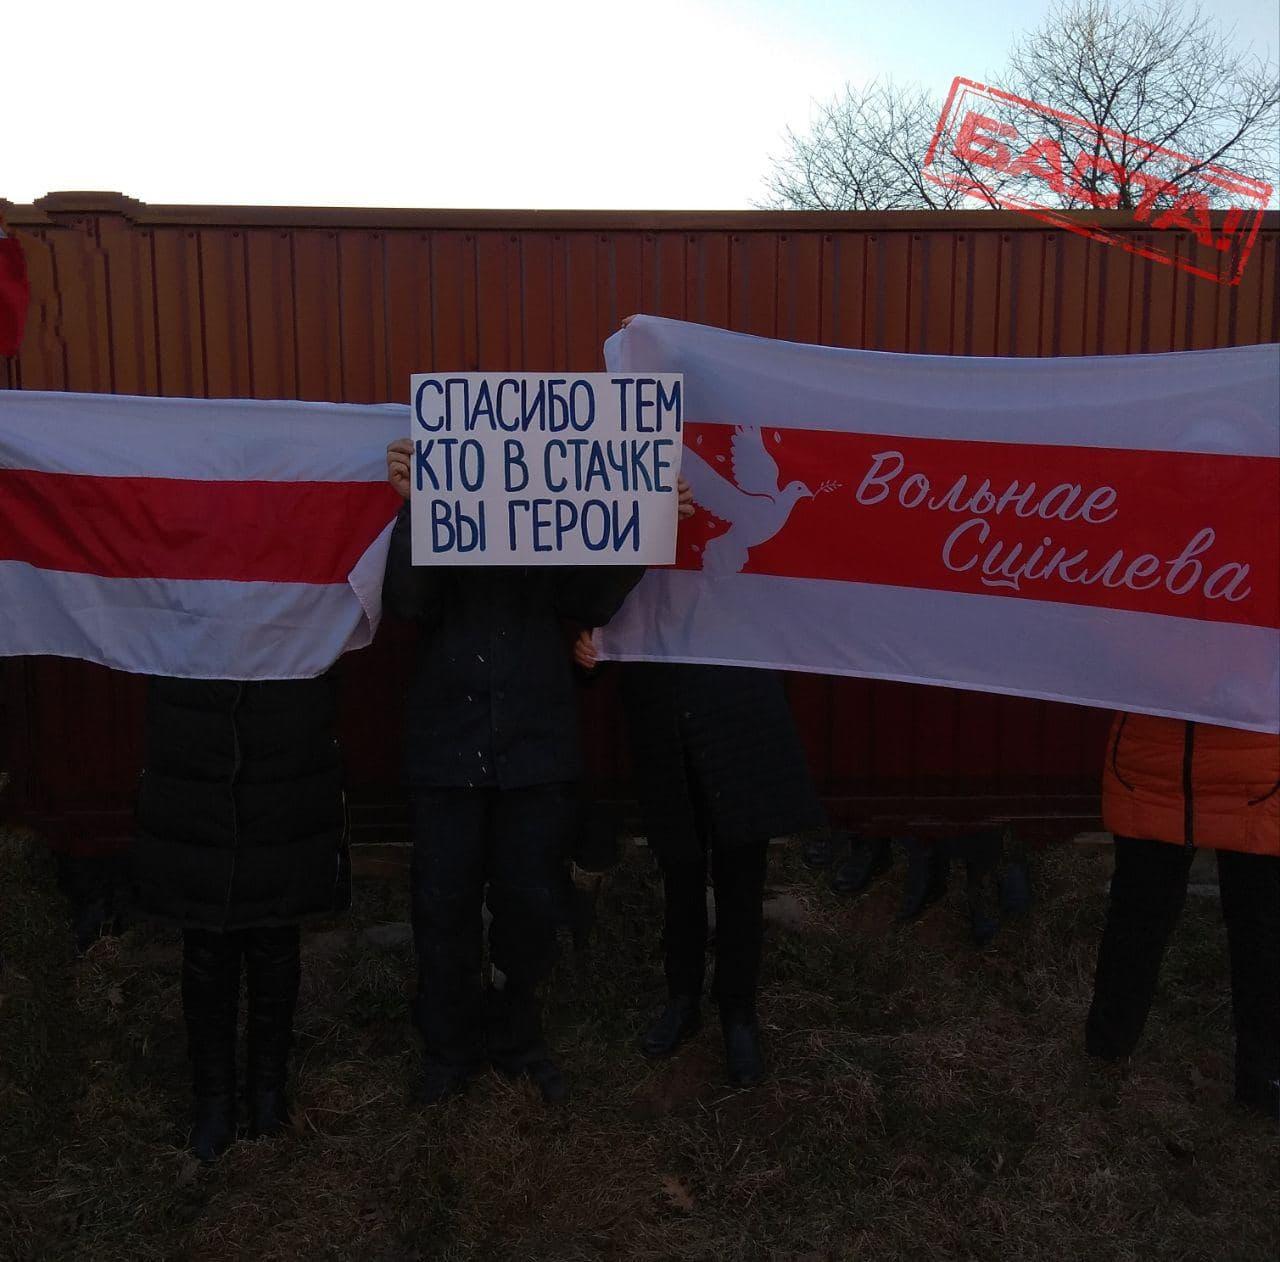 Белорусы поблагодарили ушедших в стачку рабочих1